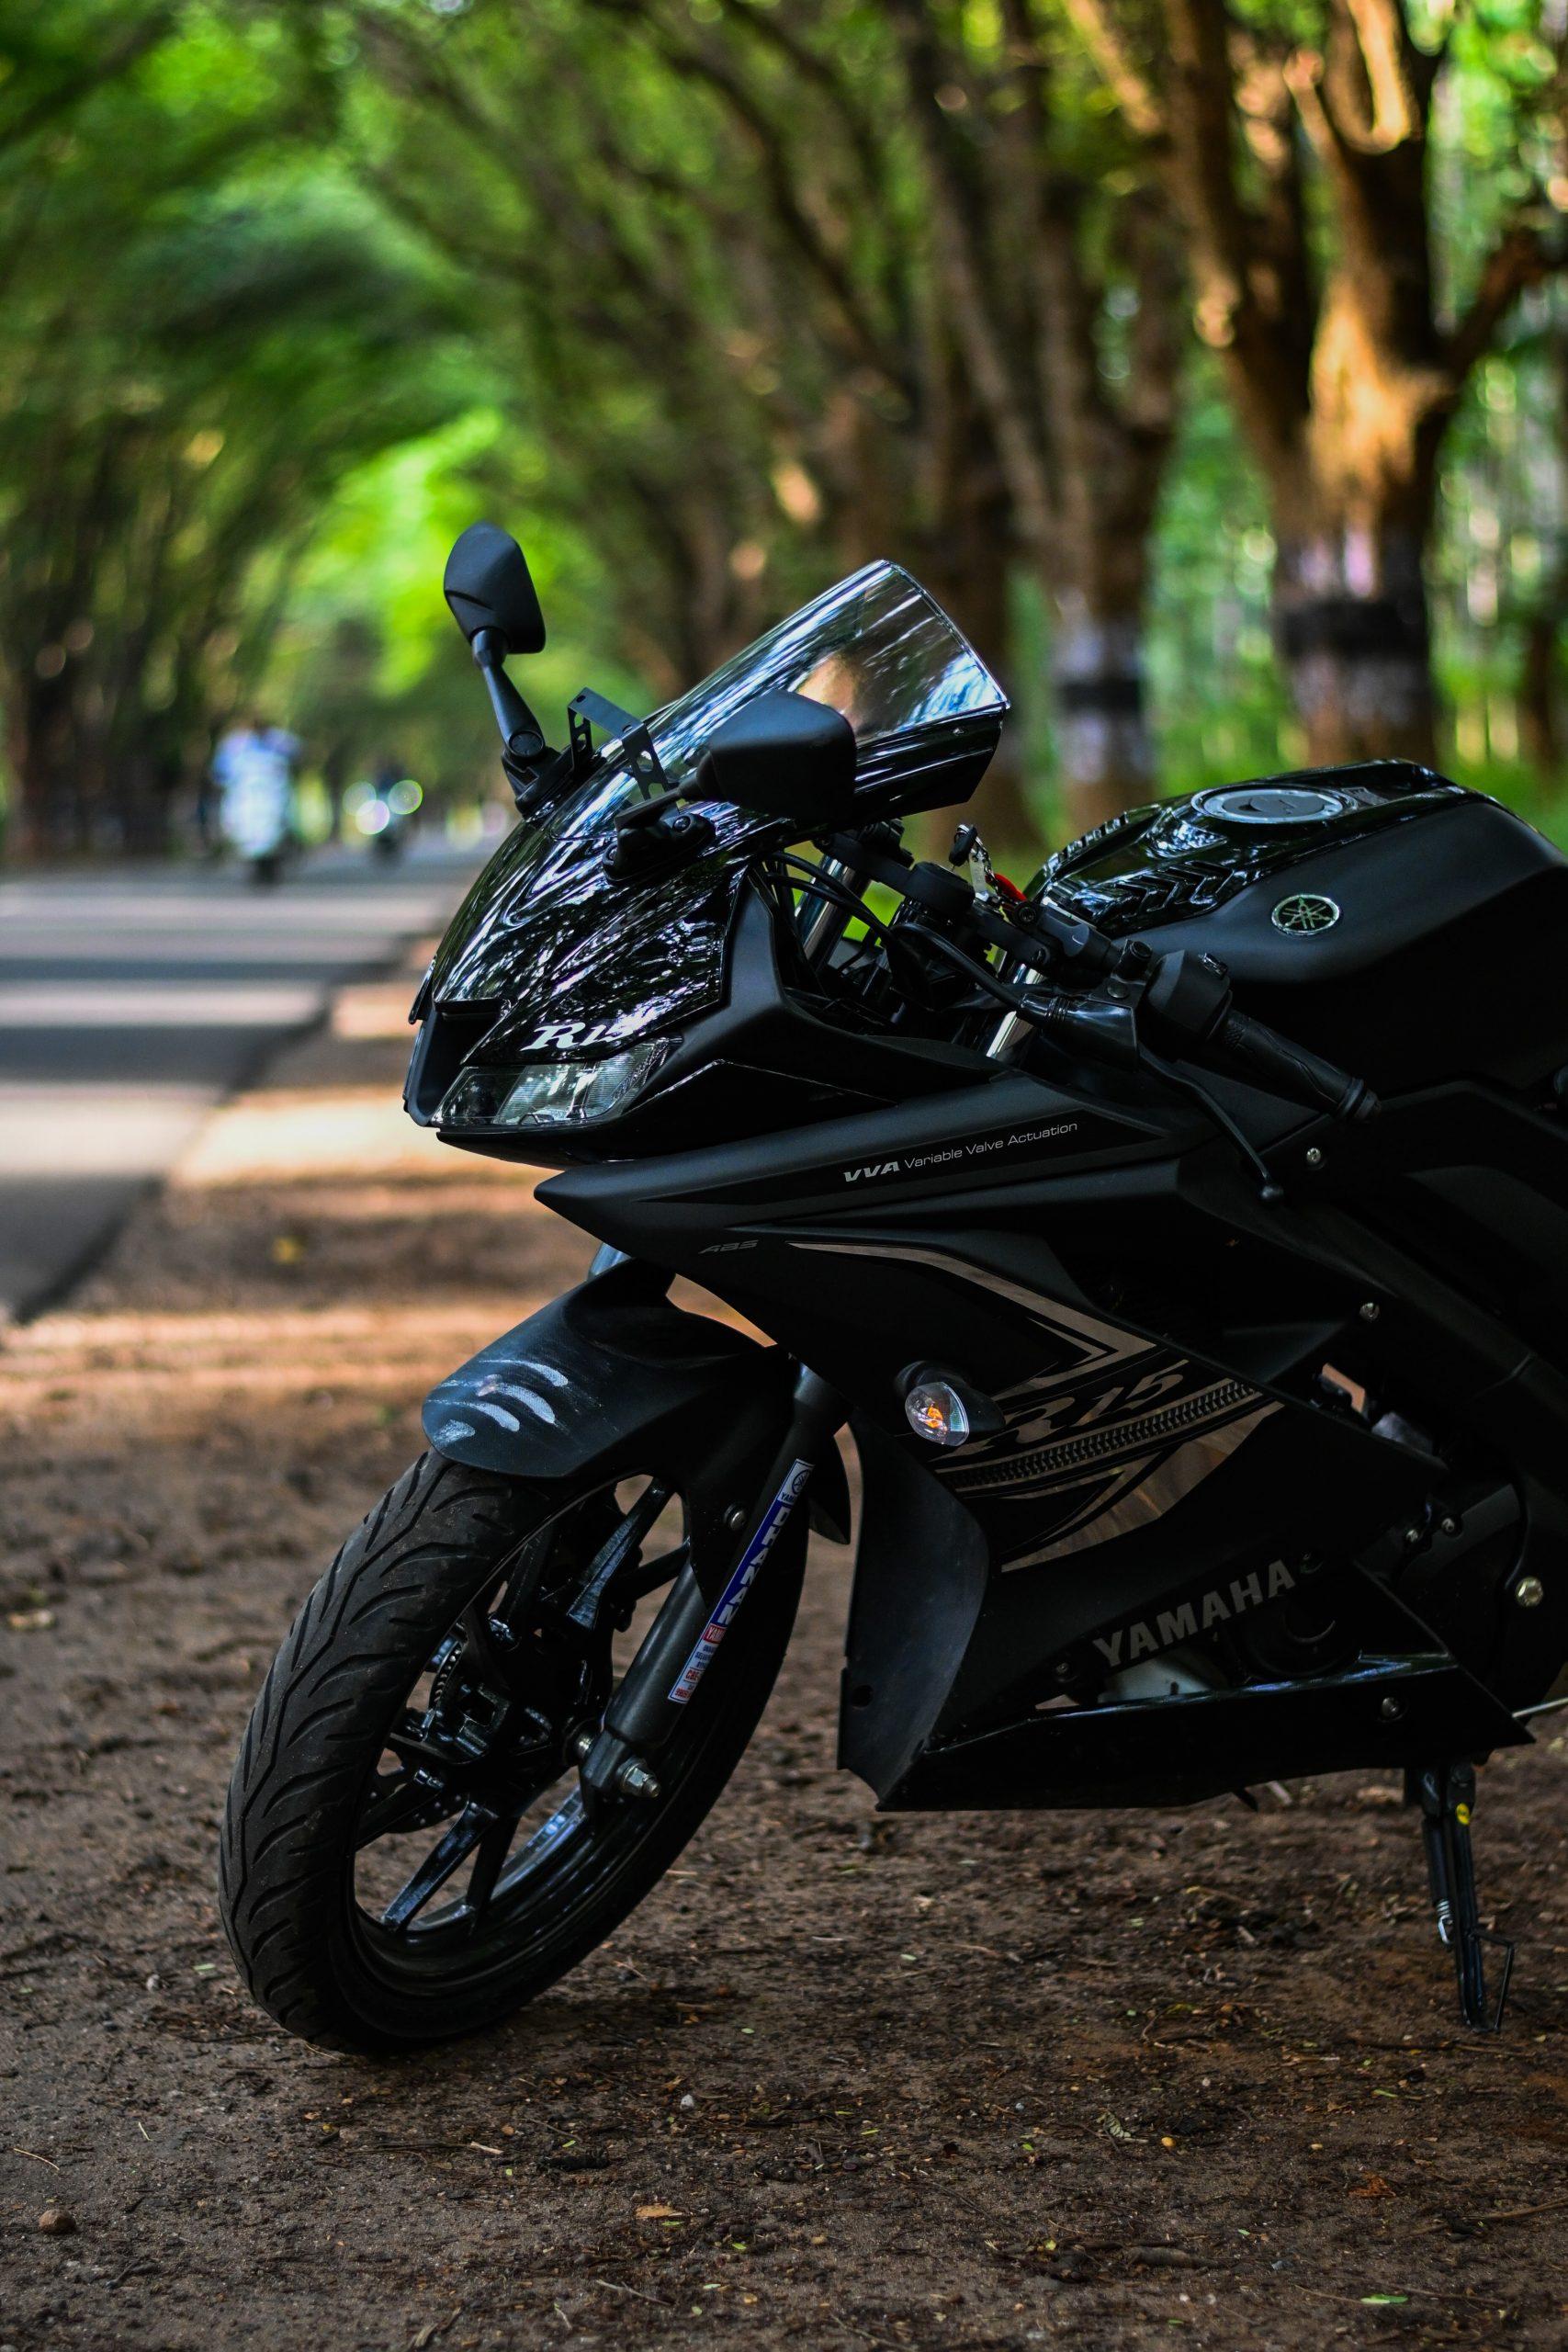 A black sports bike